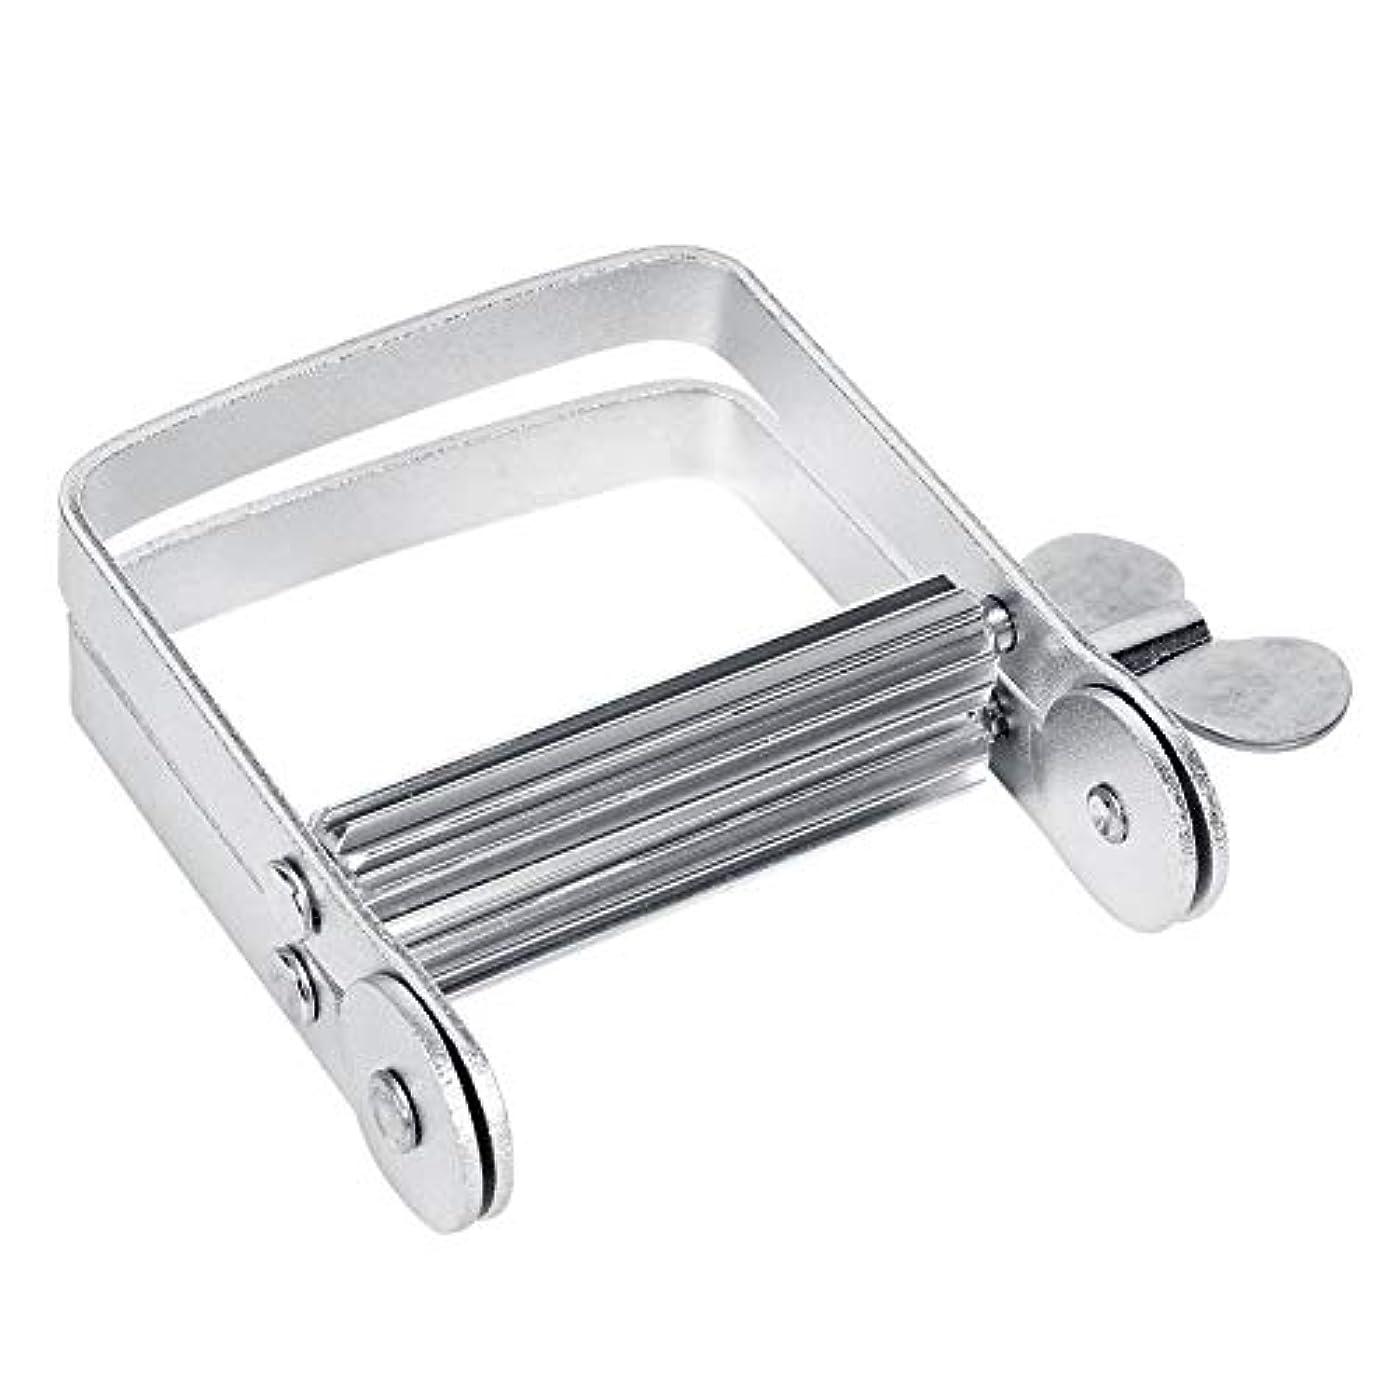 一掃するはねかけるギャングスターチューブ絞り器 チューブリンガー 軟膏押出器 アルミ製 歯磨き粉 絵の具 接着剤 洗面道具 便利 人気 シルバー